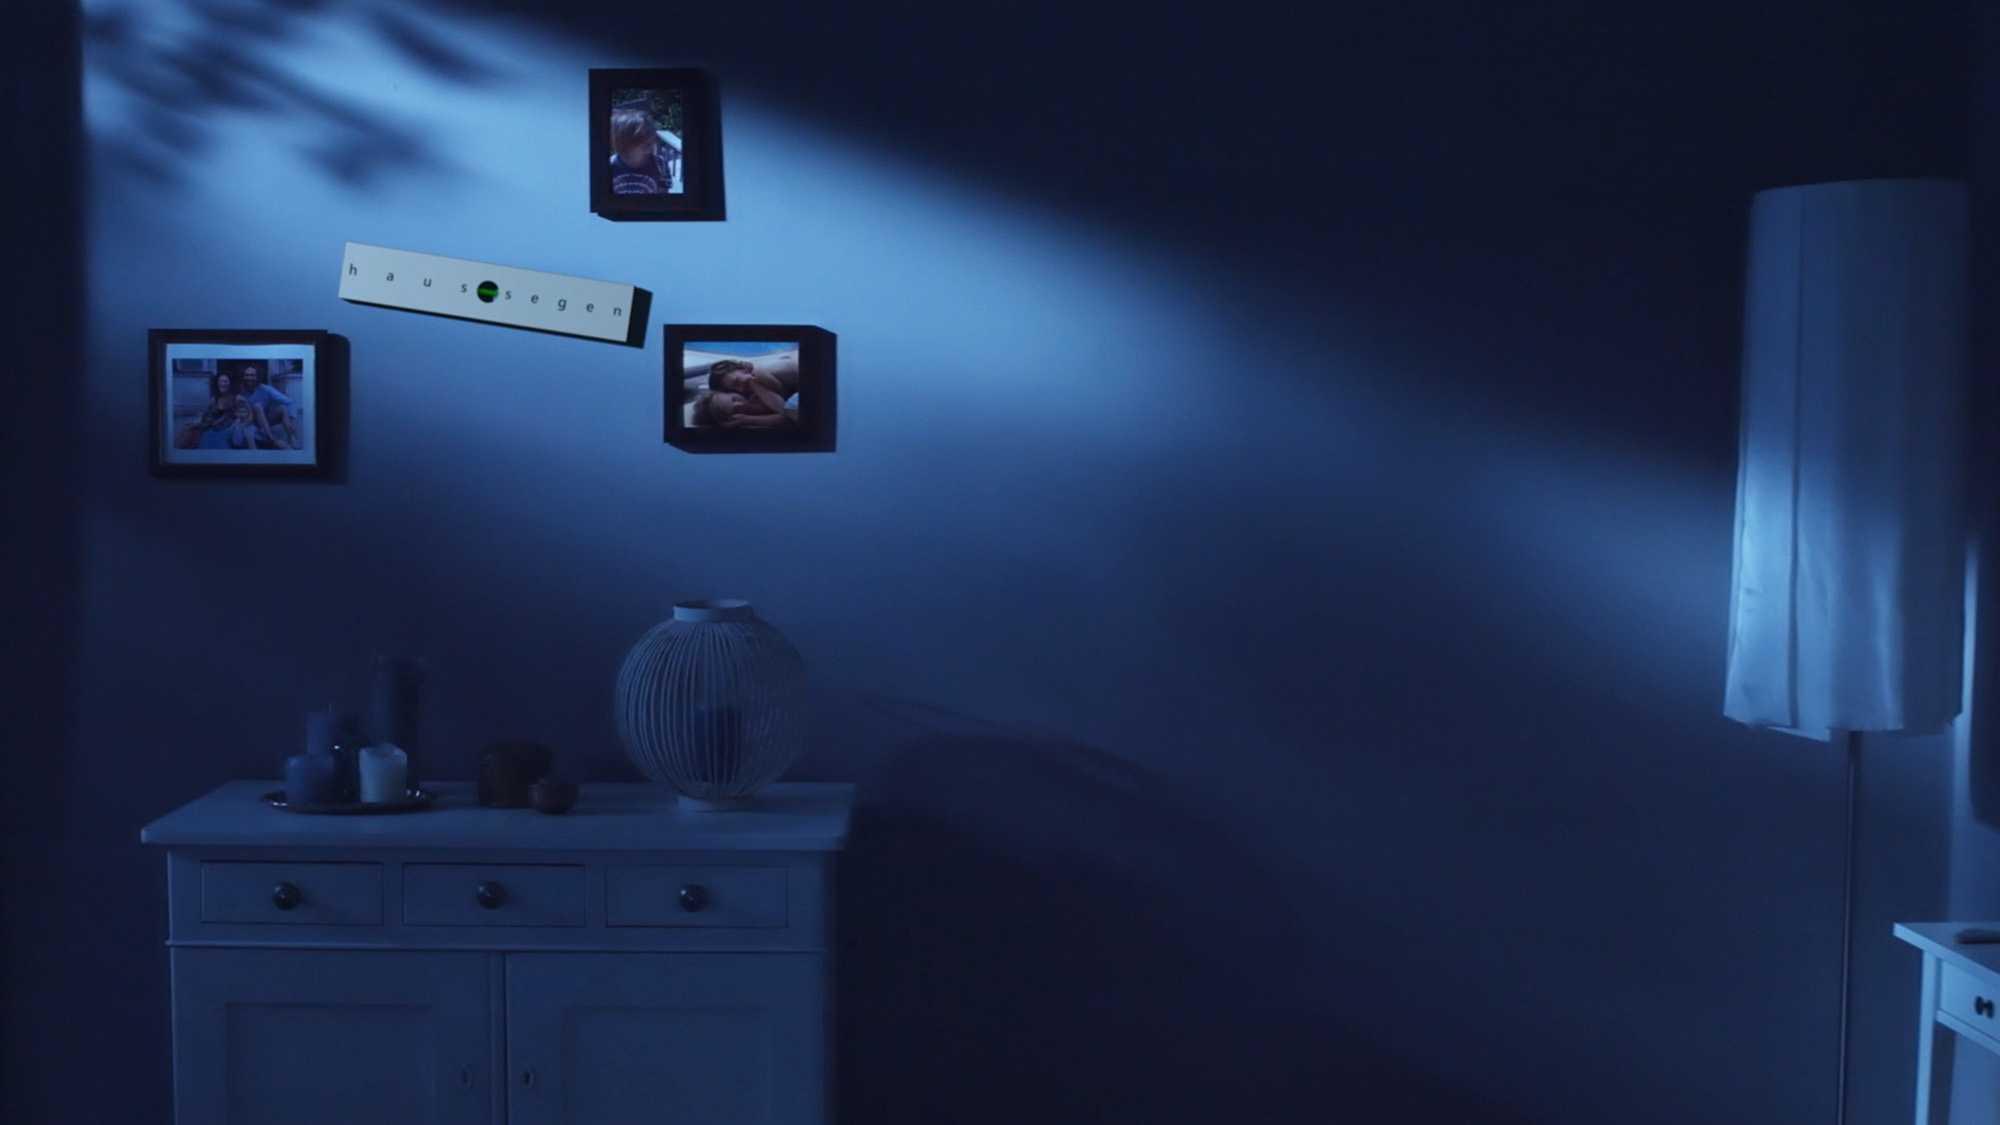 Das Bild zeigt eine blaue Wand in einem Raum. In diesem Raum steht ein Bett und eine Kommode. Es ist Nacht. Die Wand ist blau gefärbt. An ihr hängen Bilder. Dazwischen ist eine Wasserwaage aufgehängt. Diese hängt schief. Das Bild dient als Sliderbild für den Portfolioeintrag Ohropax Haussegen von Panda Pictures.